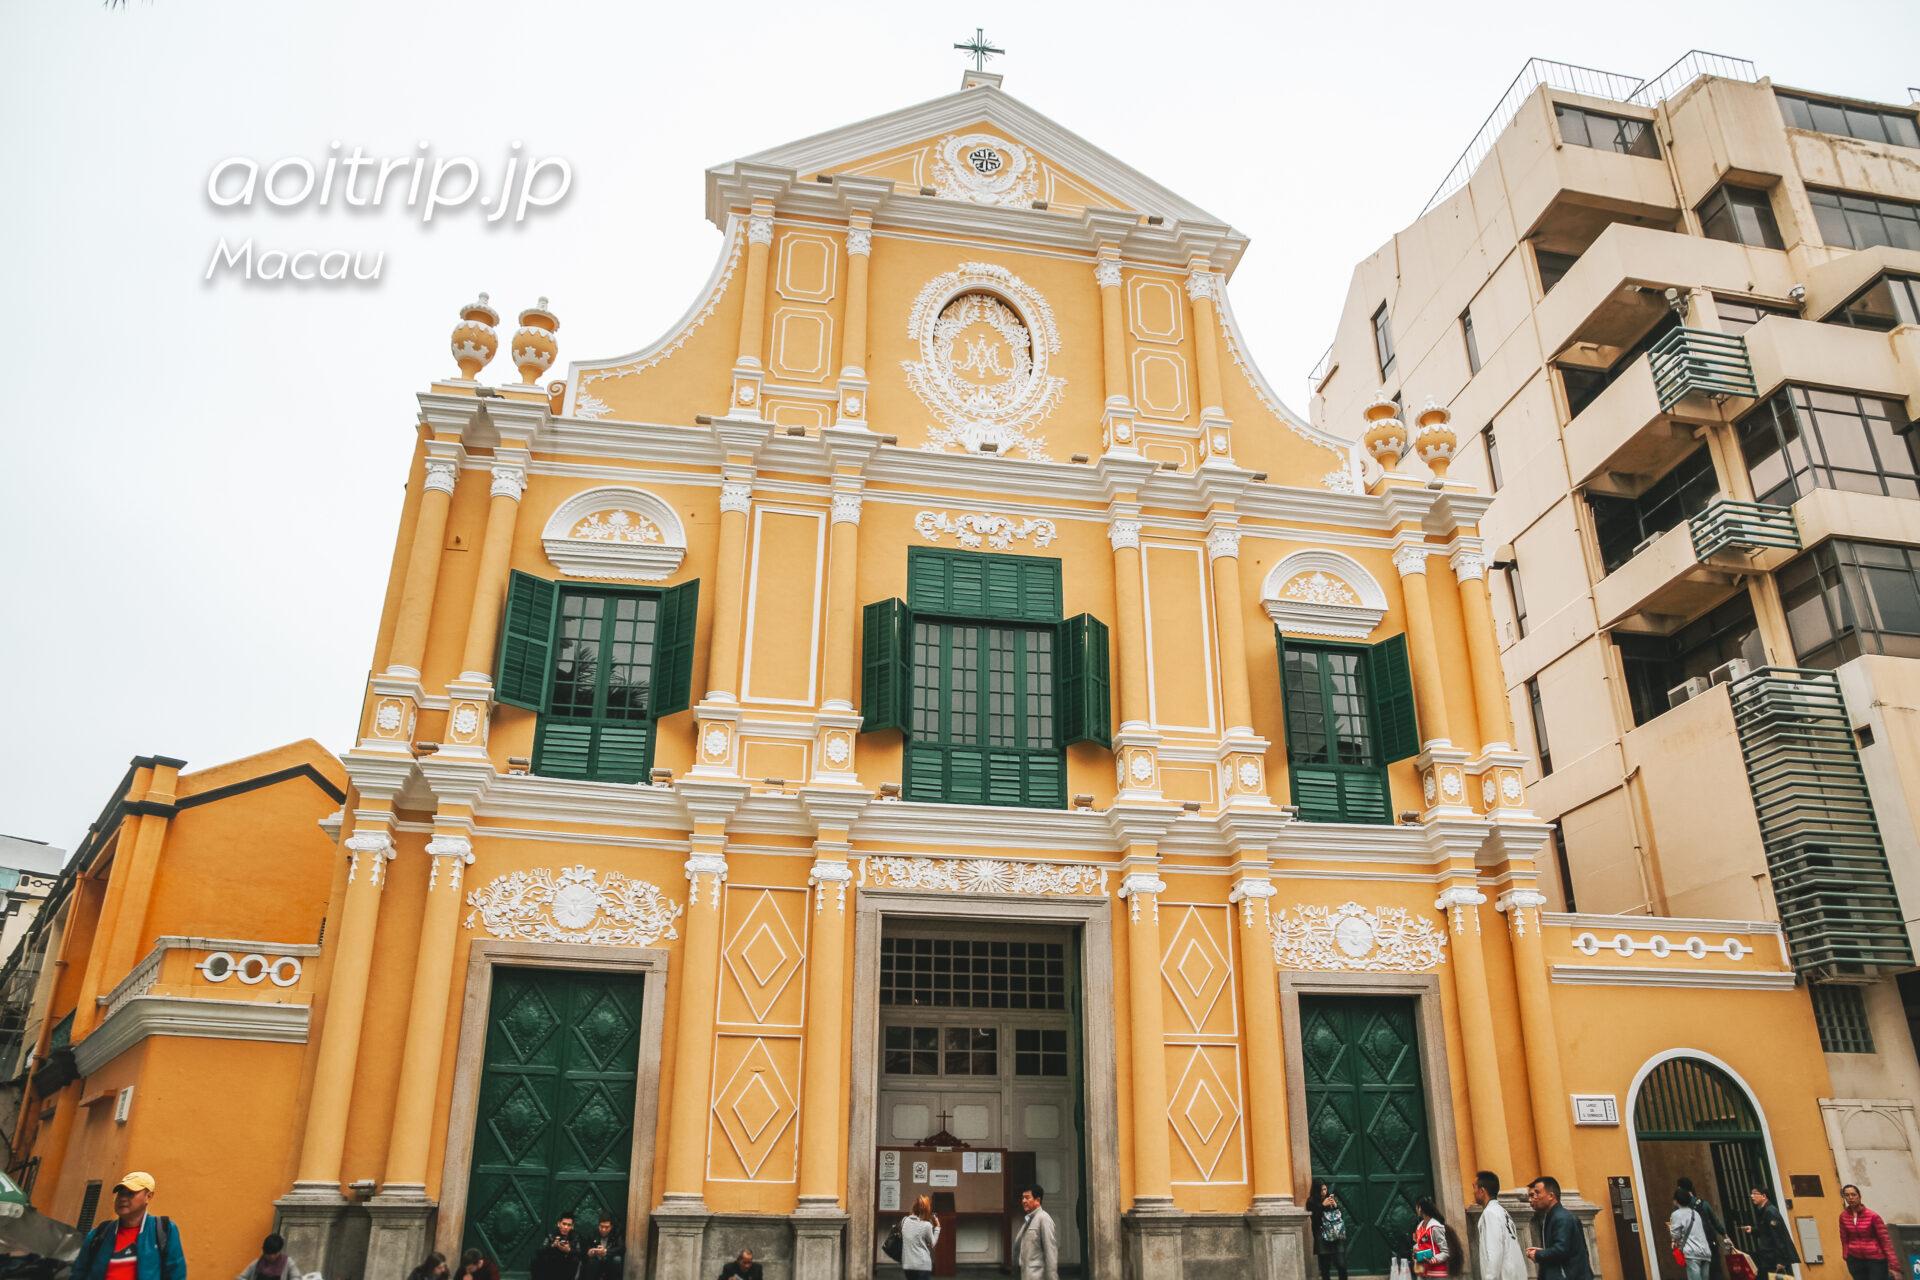 マカオ 聖ドミニコ教会 St. Dominic's Church